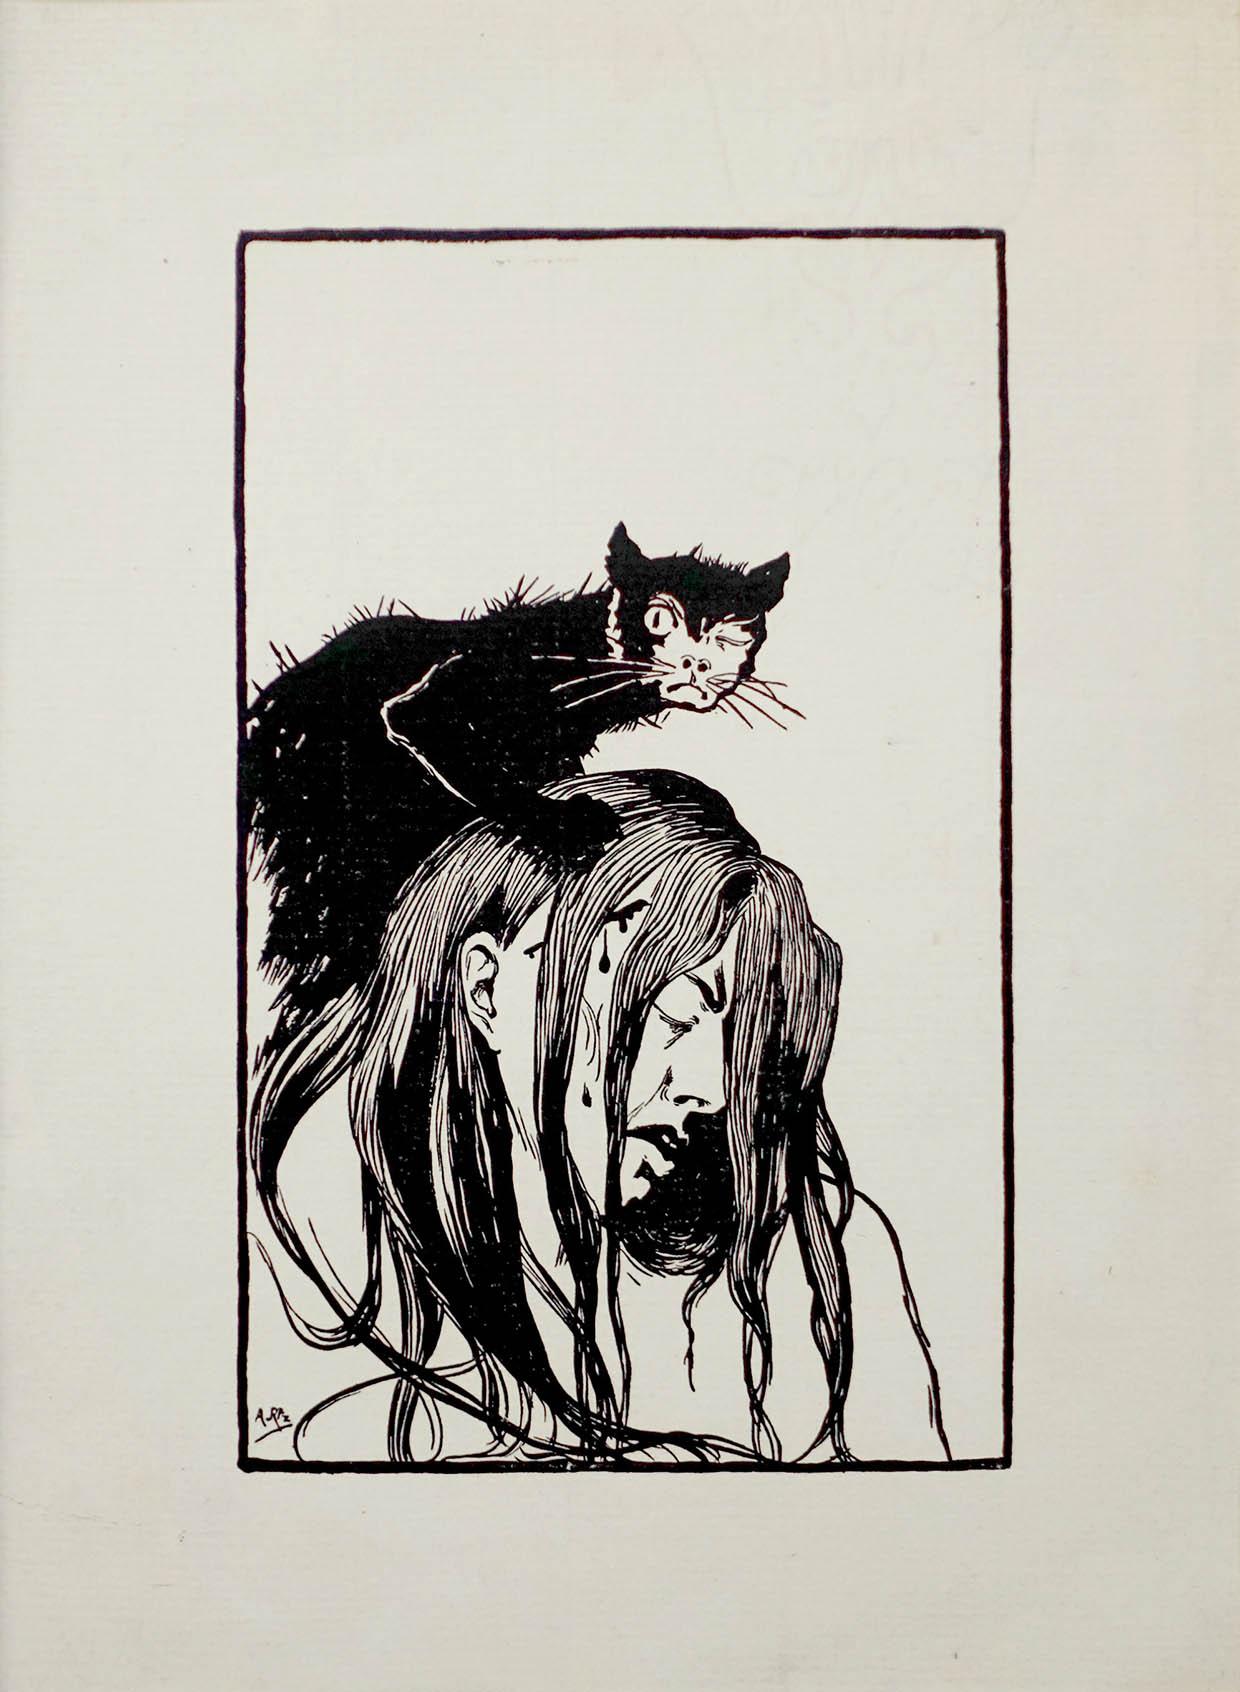 Arild Rosenkrantz, Den sorte kat, 1908-1909. Foto: Rudi Hass